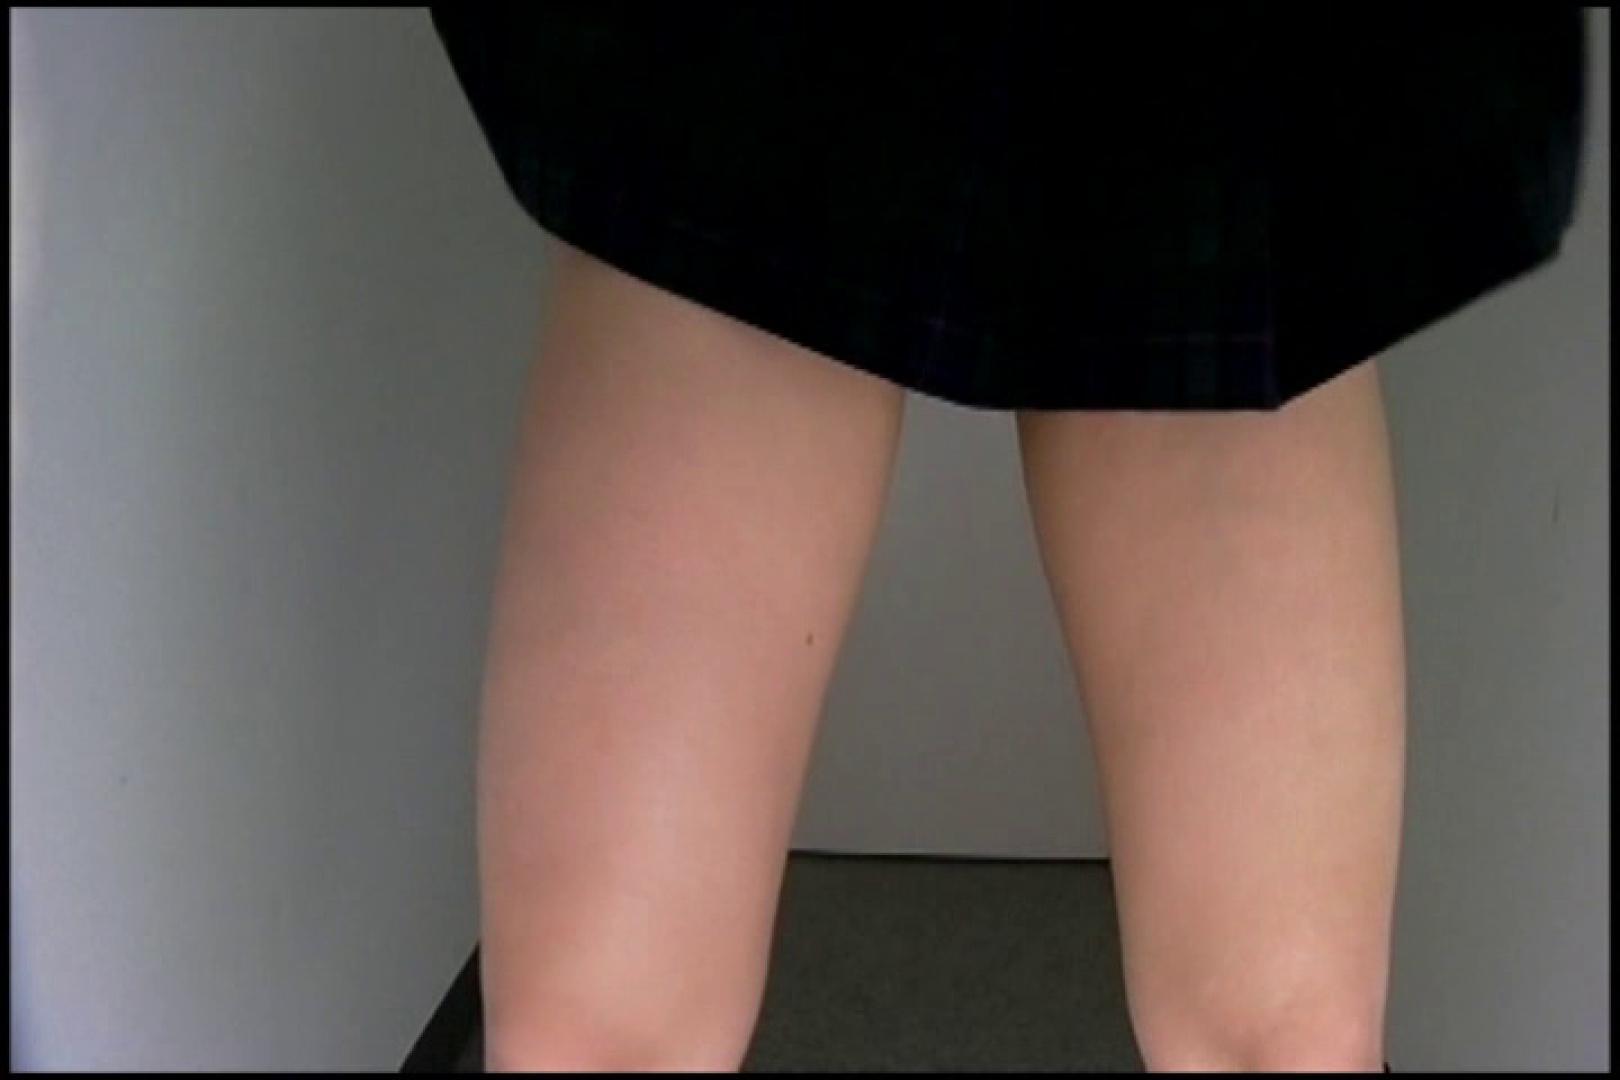 和式にまたがる女たちを待ちうけるカメラの衝撃映像vol.02 盗撮  96枚 66